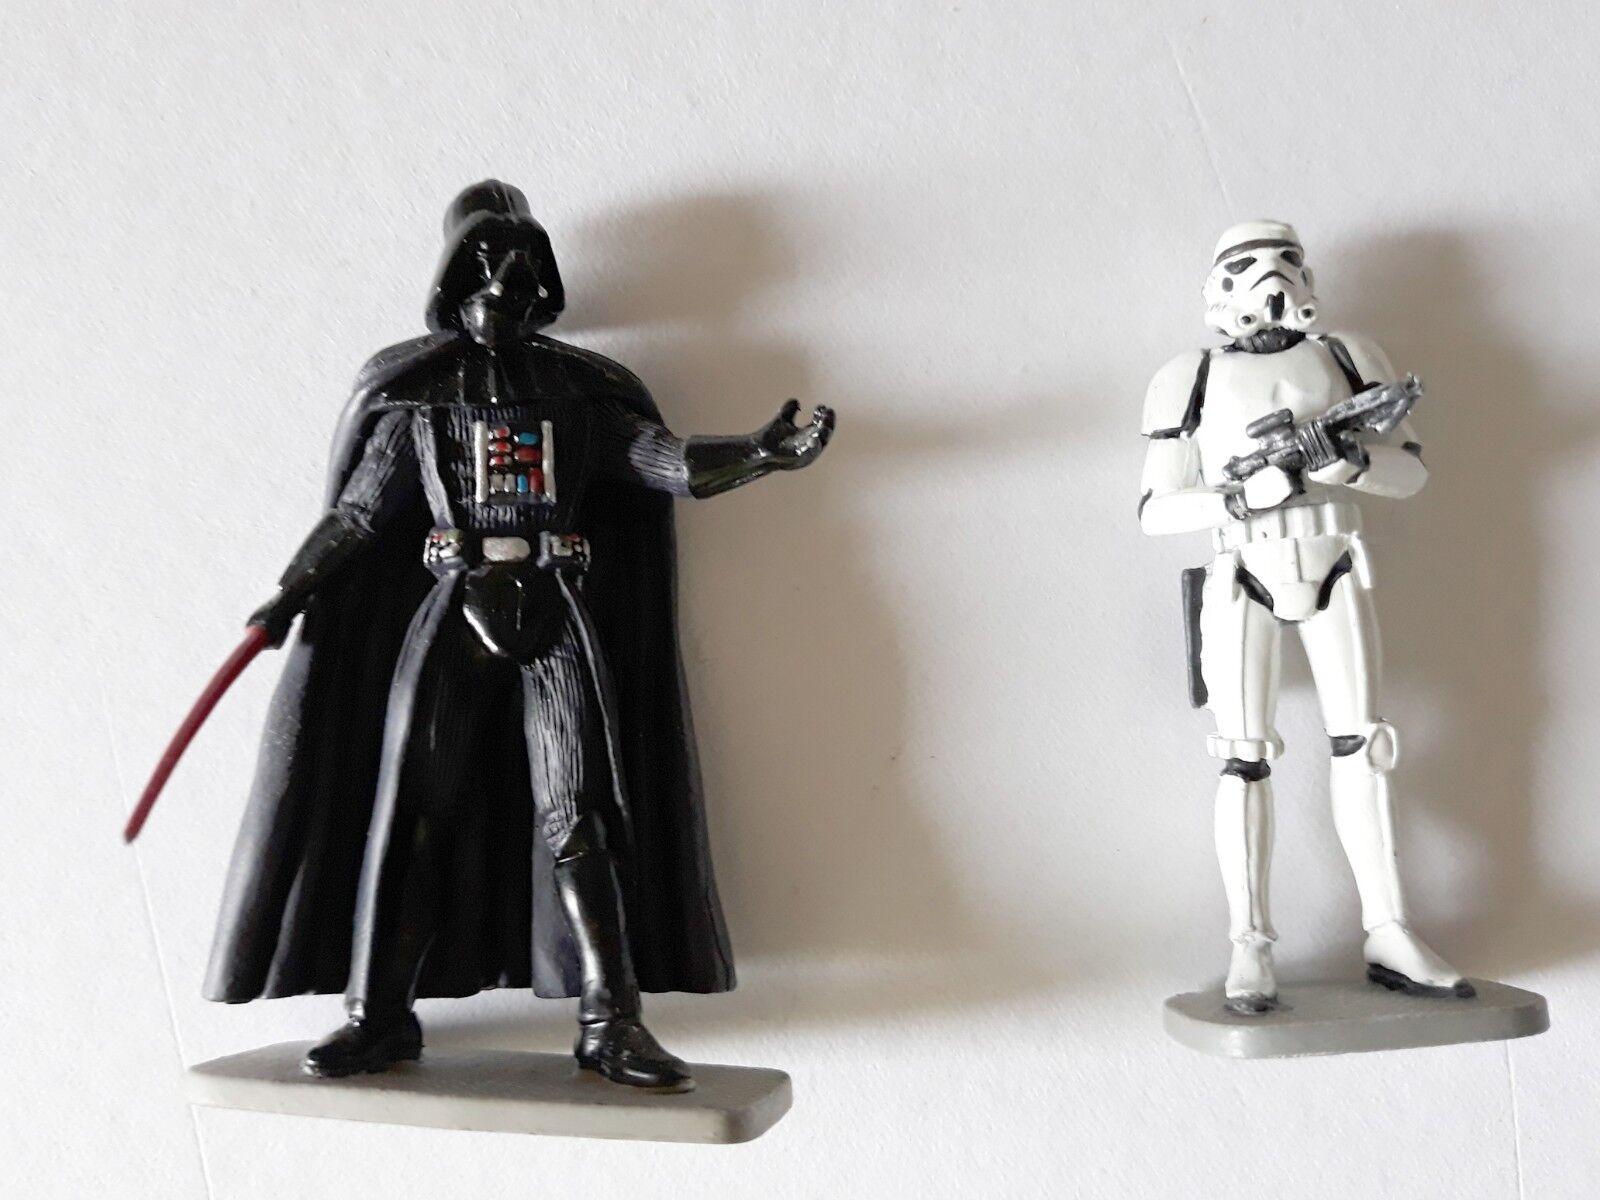 STAR WARS   GUERRE STELLARI   Modelli miniature in piombo per collezionisti